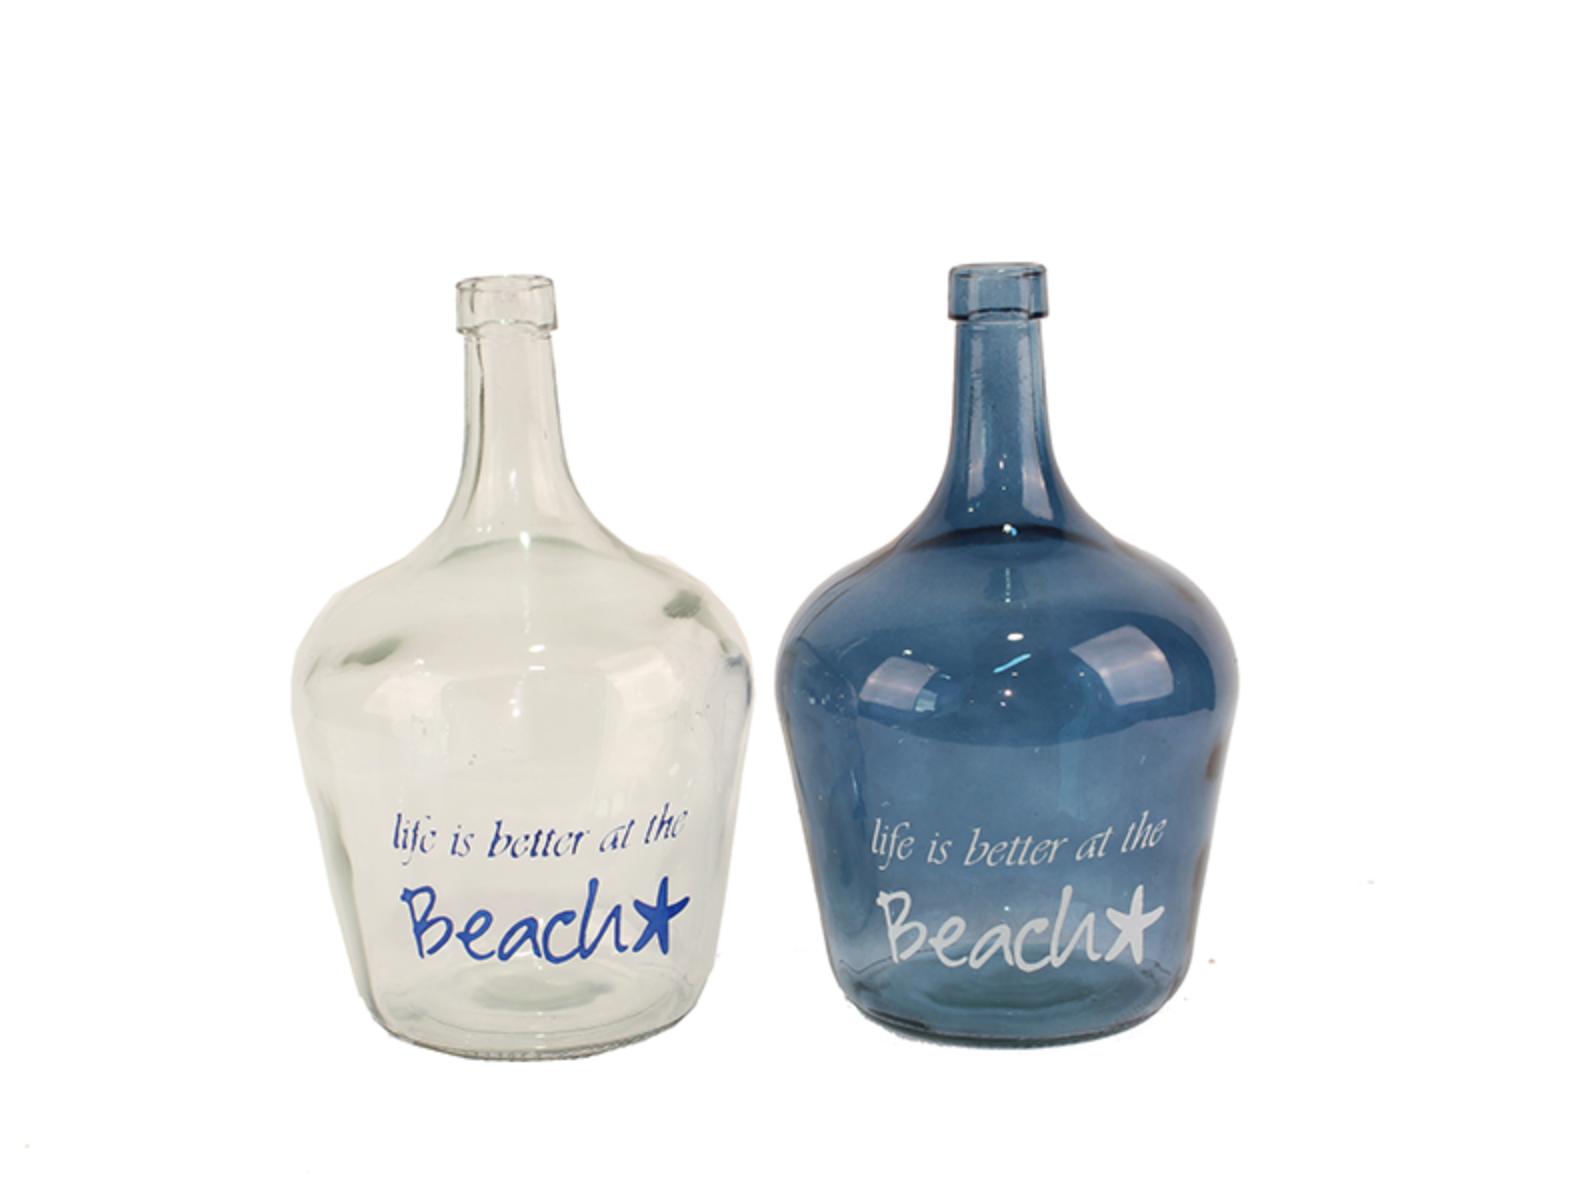 Beach fles decoshoppen beach fles almere decoratie for Decoratie fles